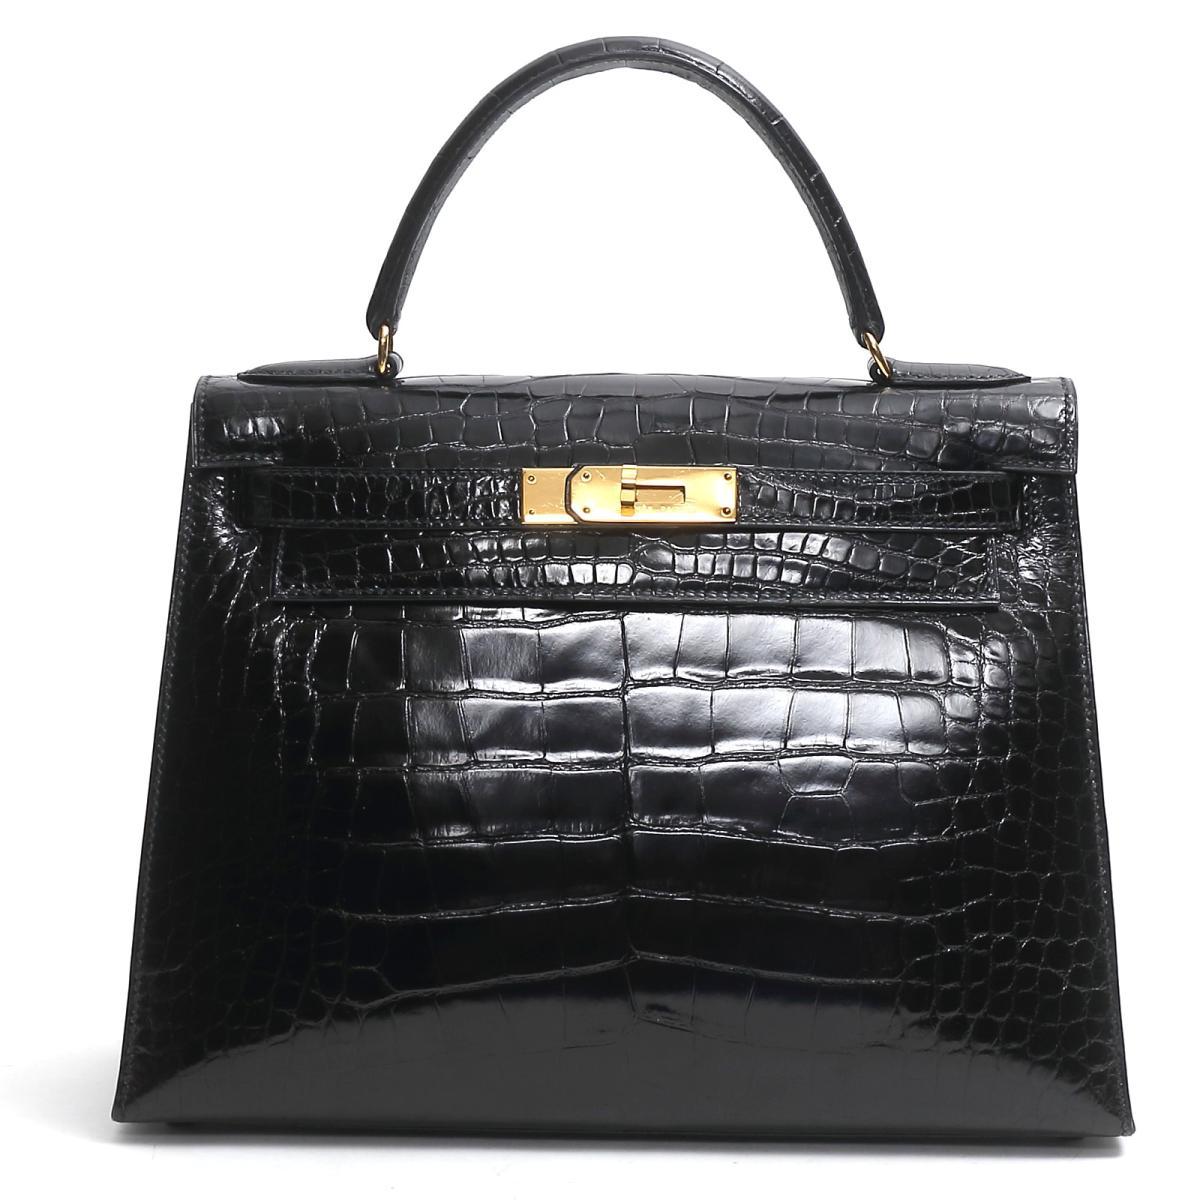 【中古】エルメス ケリー28 ハンドバッグ 外縫い レディース アリゲーター ブラック(金具:ゴールド)